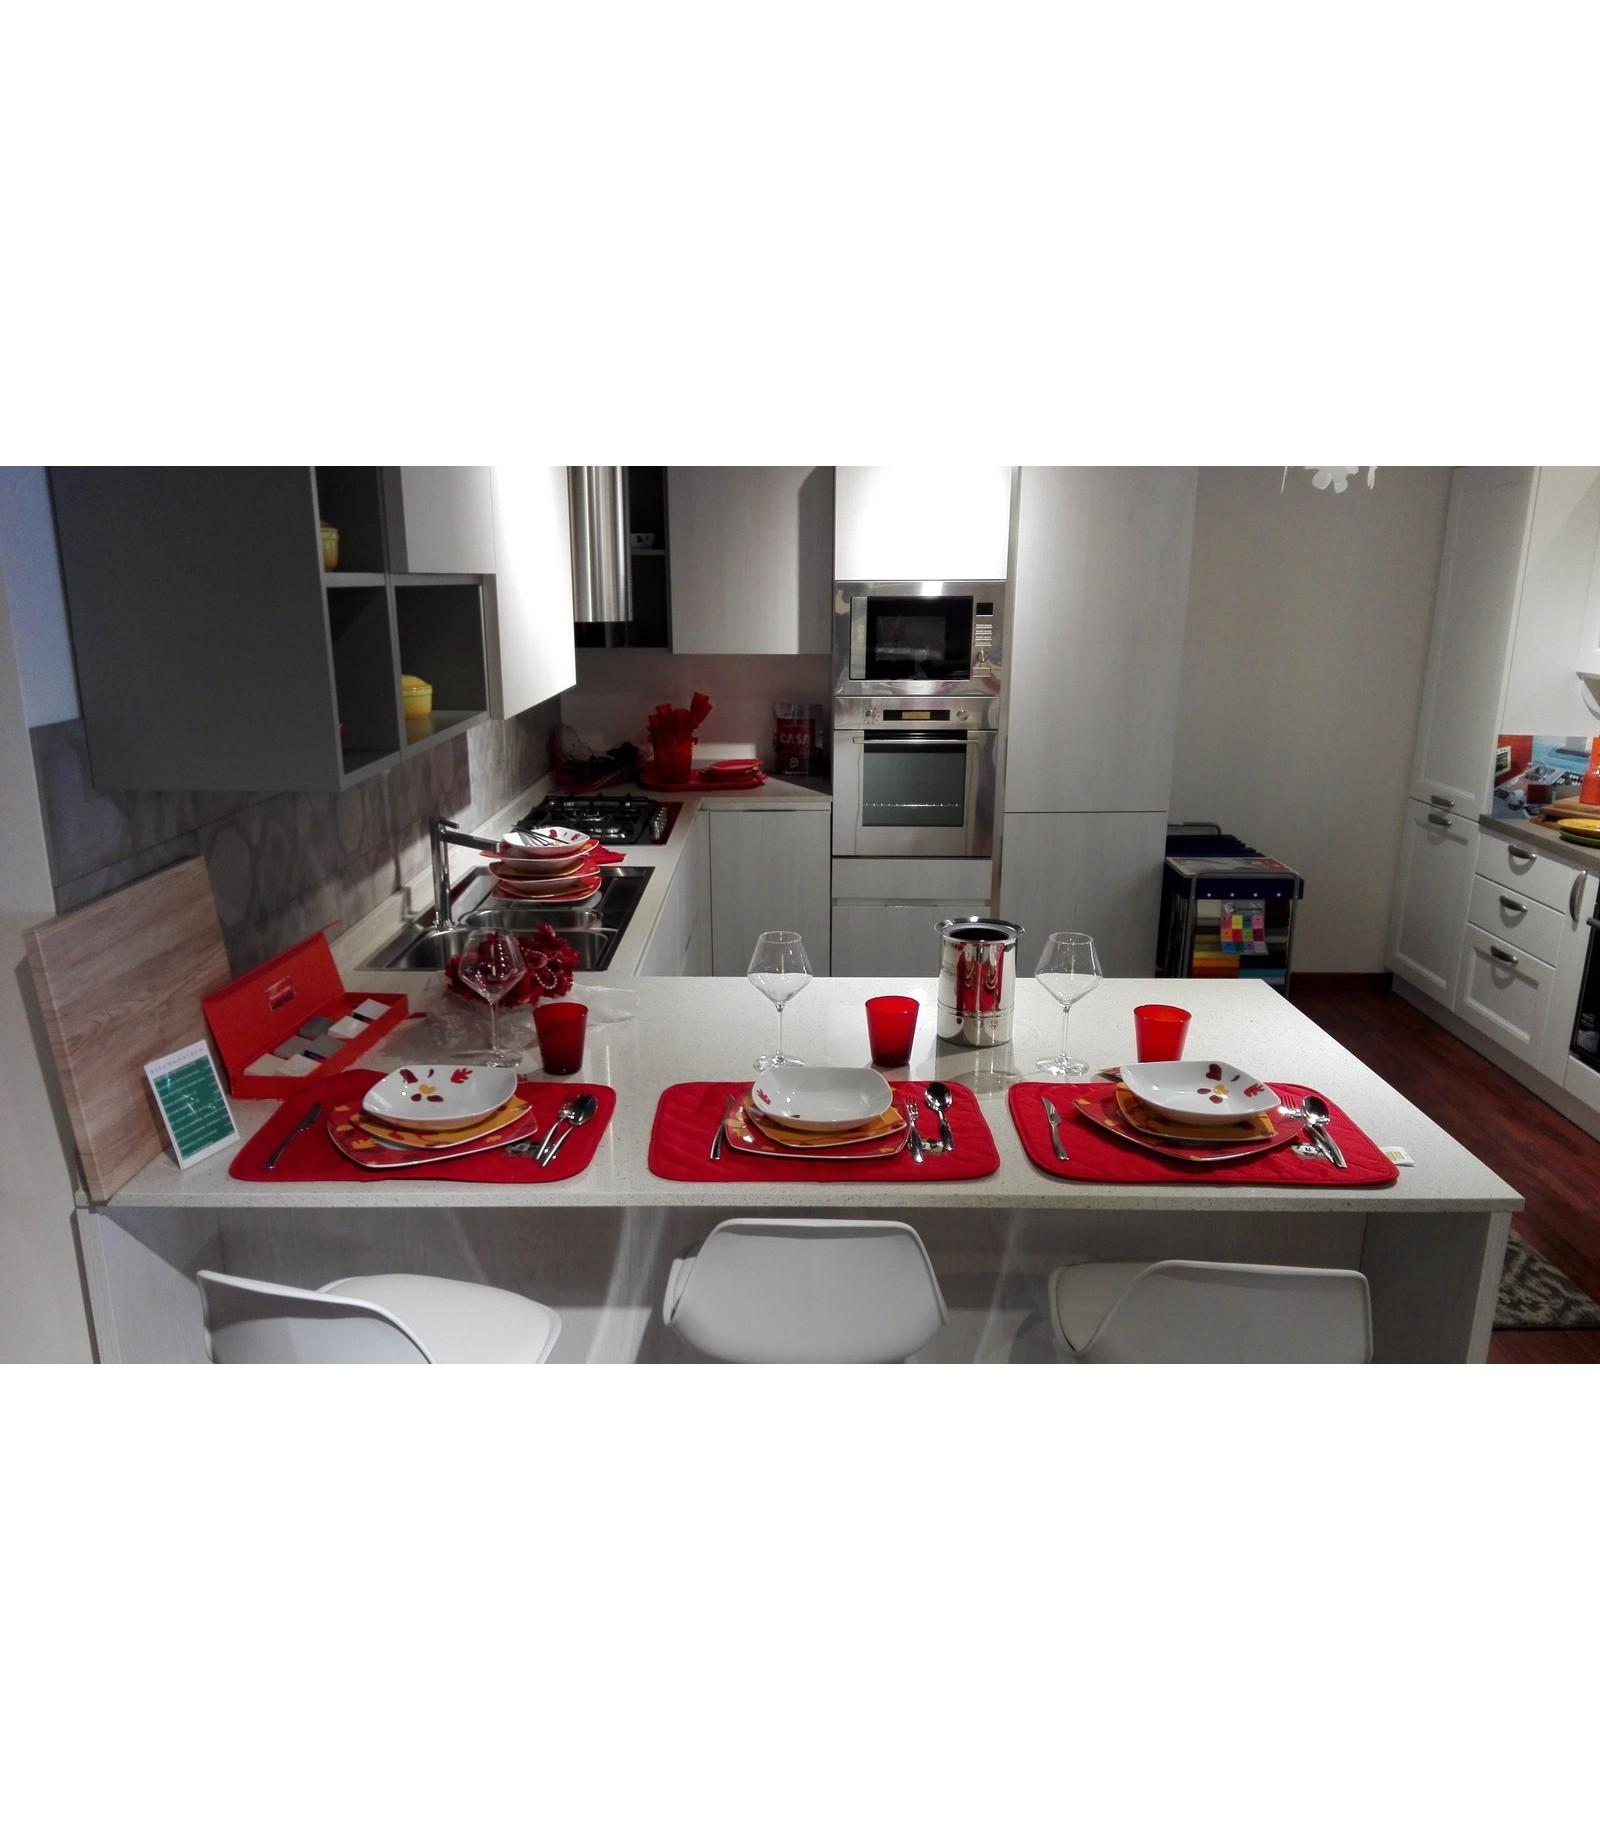 Cucina Sistematica Olmo by Veneta Cucine - outlet - Mariotti Casa